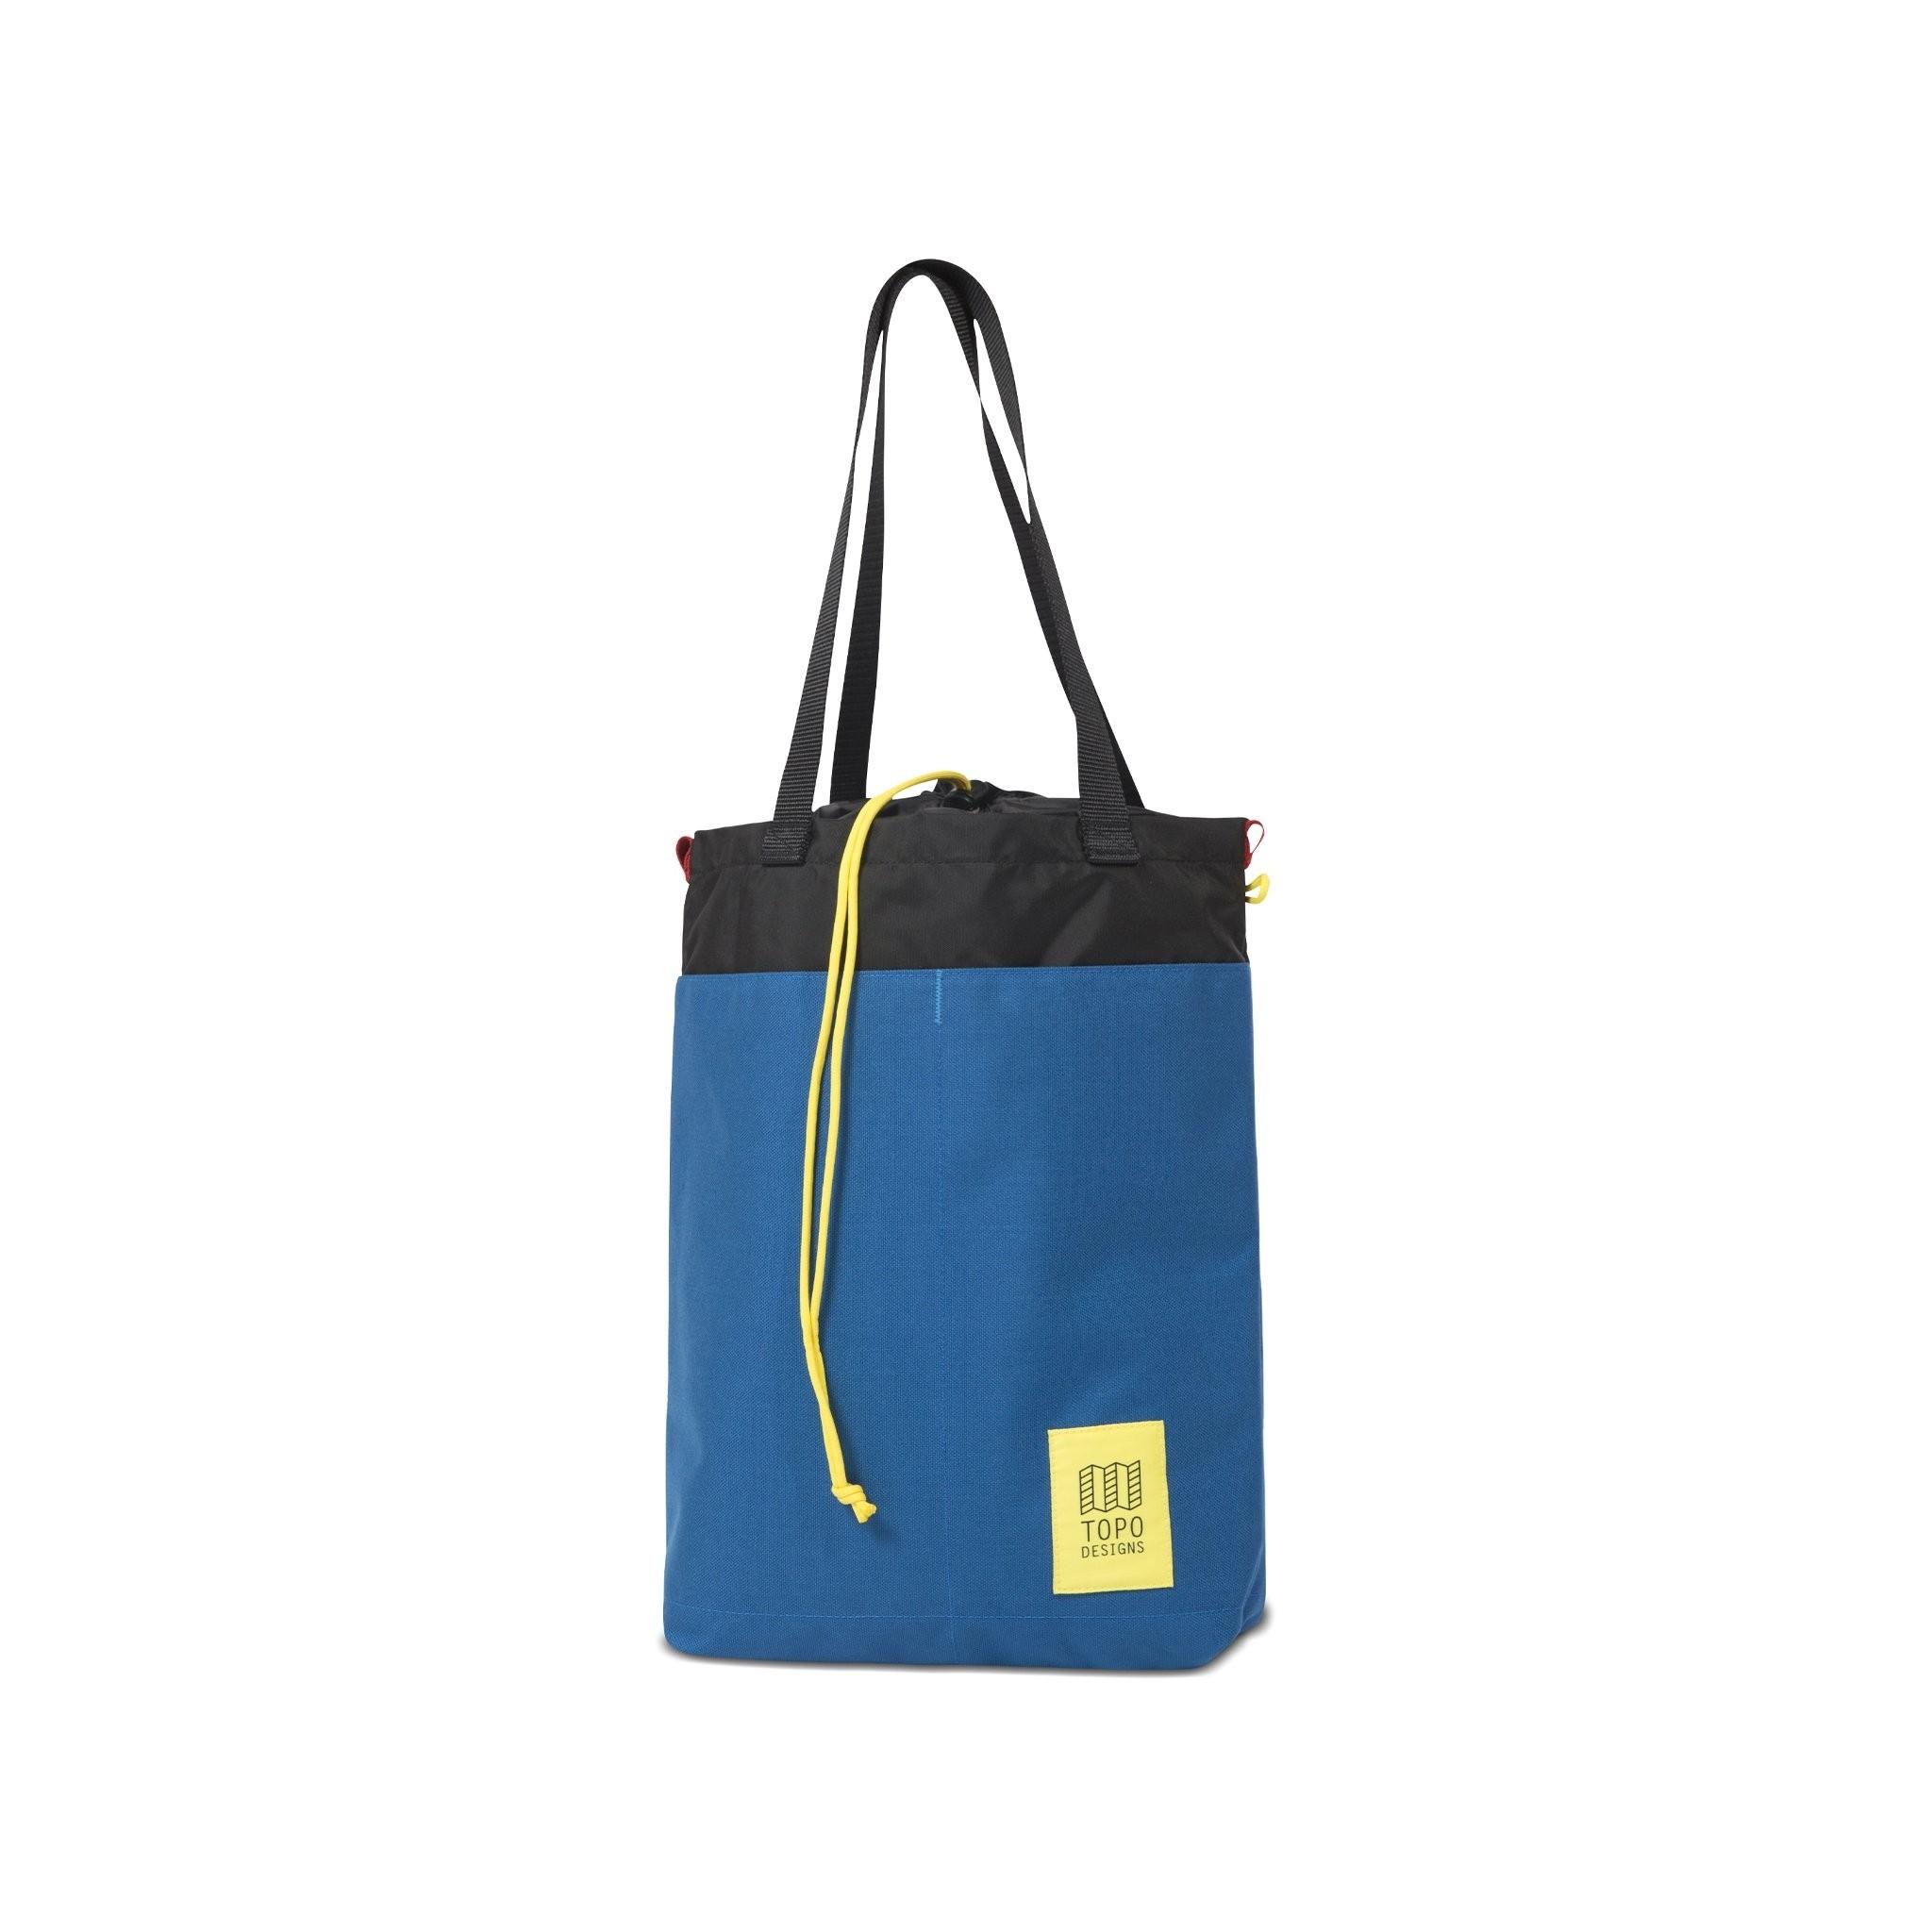 Topo Designs Cinch Tote 12L : Blue / Black